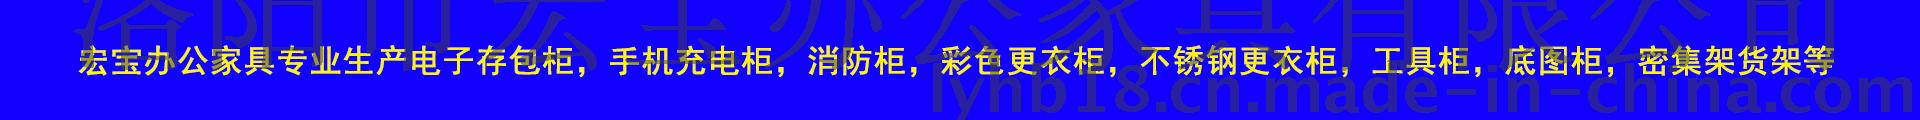 洛阳市宏宝办公家具有限公司